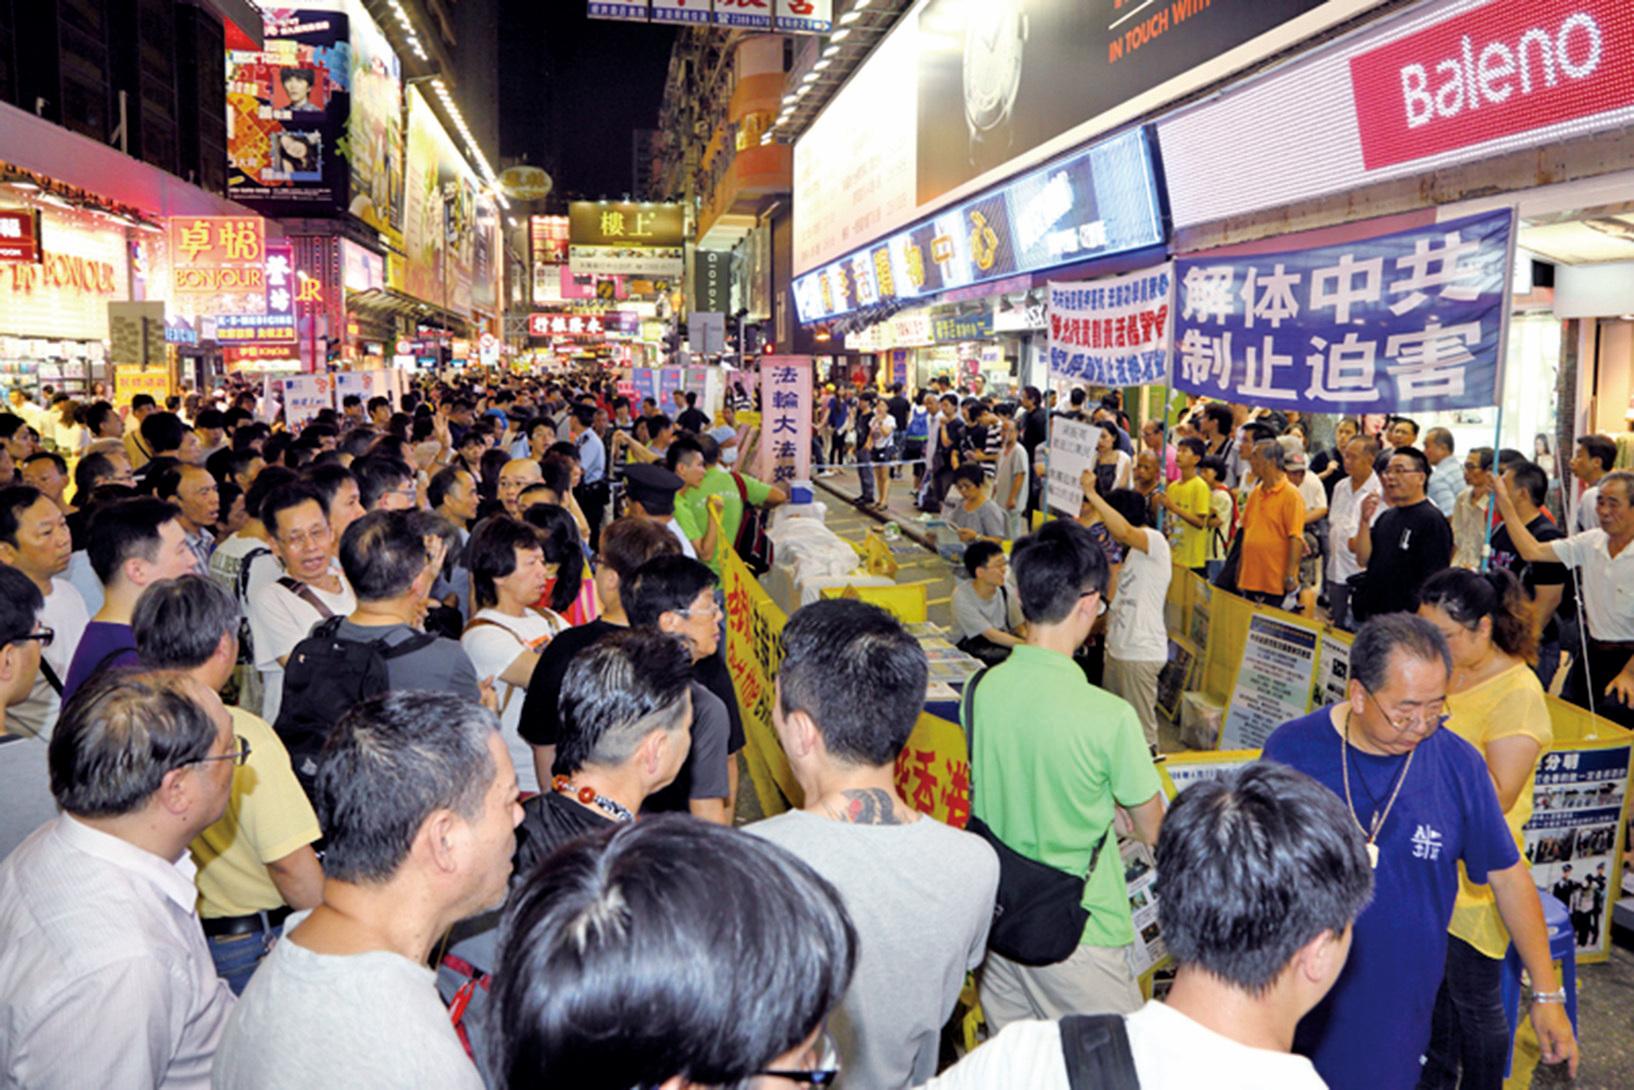 自2012年6月以來,中共江澤民集團及前香港特首梁振英撐腰的「香港青年關愛協會」(青關會)侵擾多個法輪功真相點,使出多種粗暴流氓招術。(大紀元)